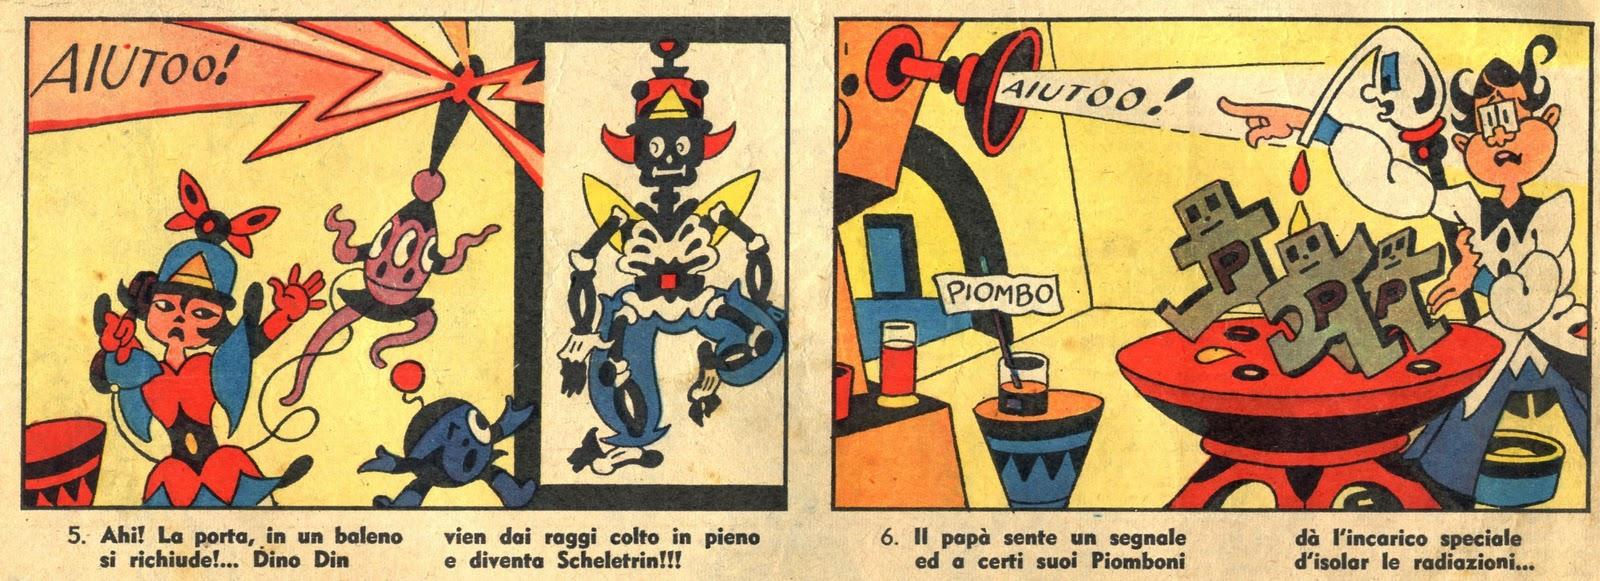 Corriere dei Piccoli - 1956 - 01 - Rubino 2a